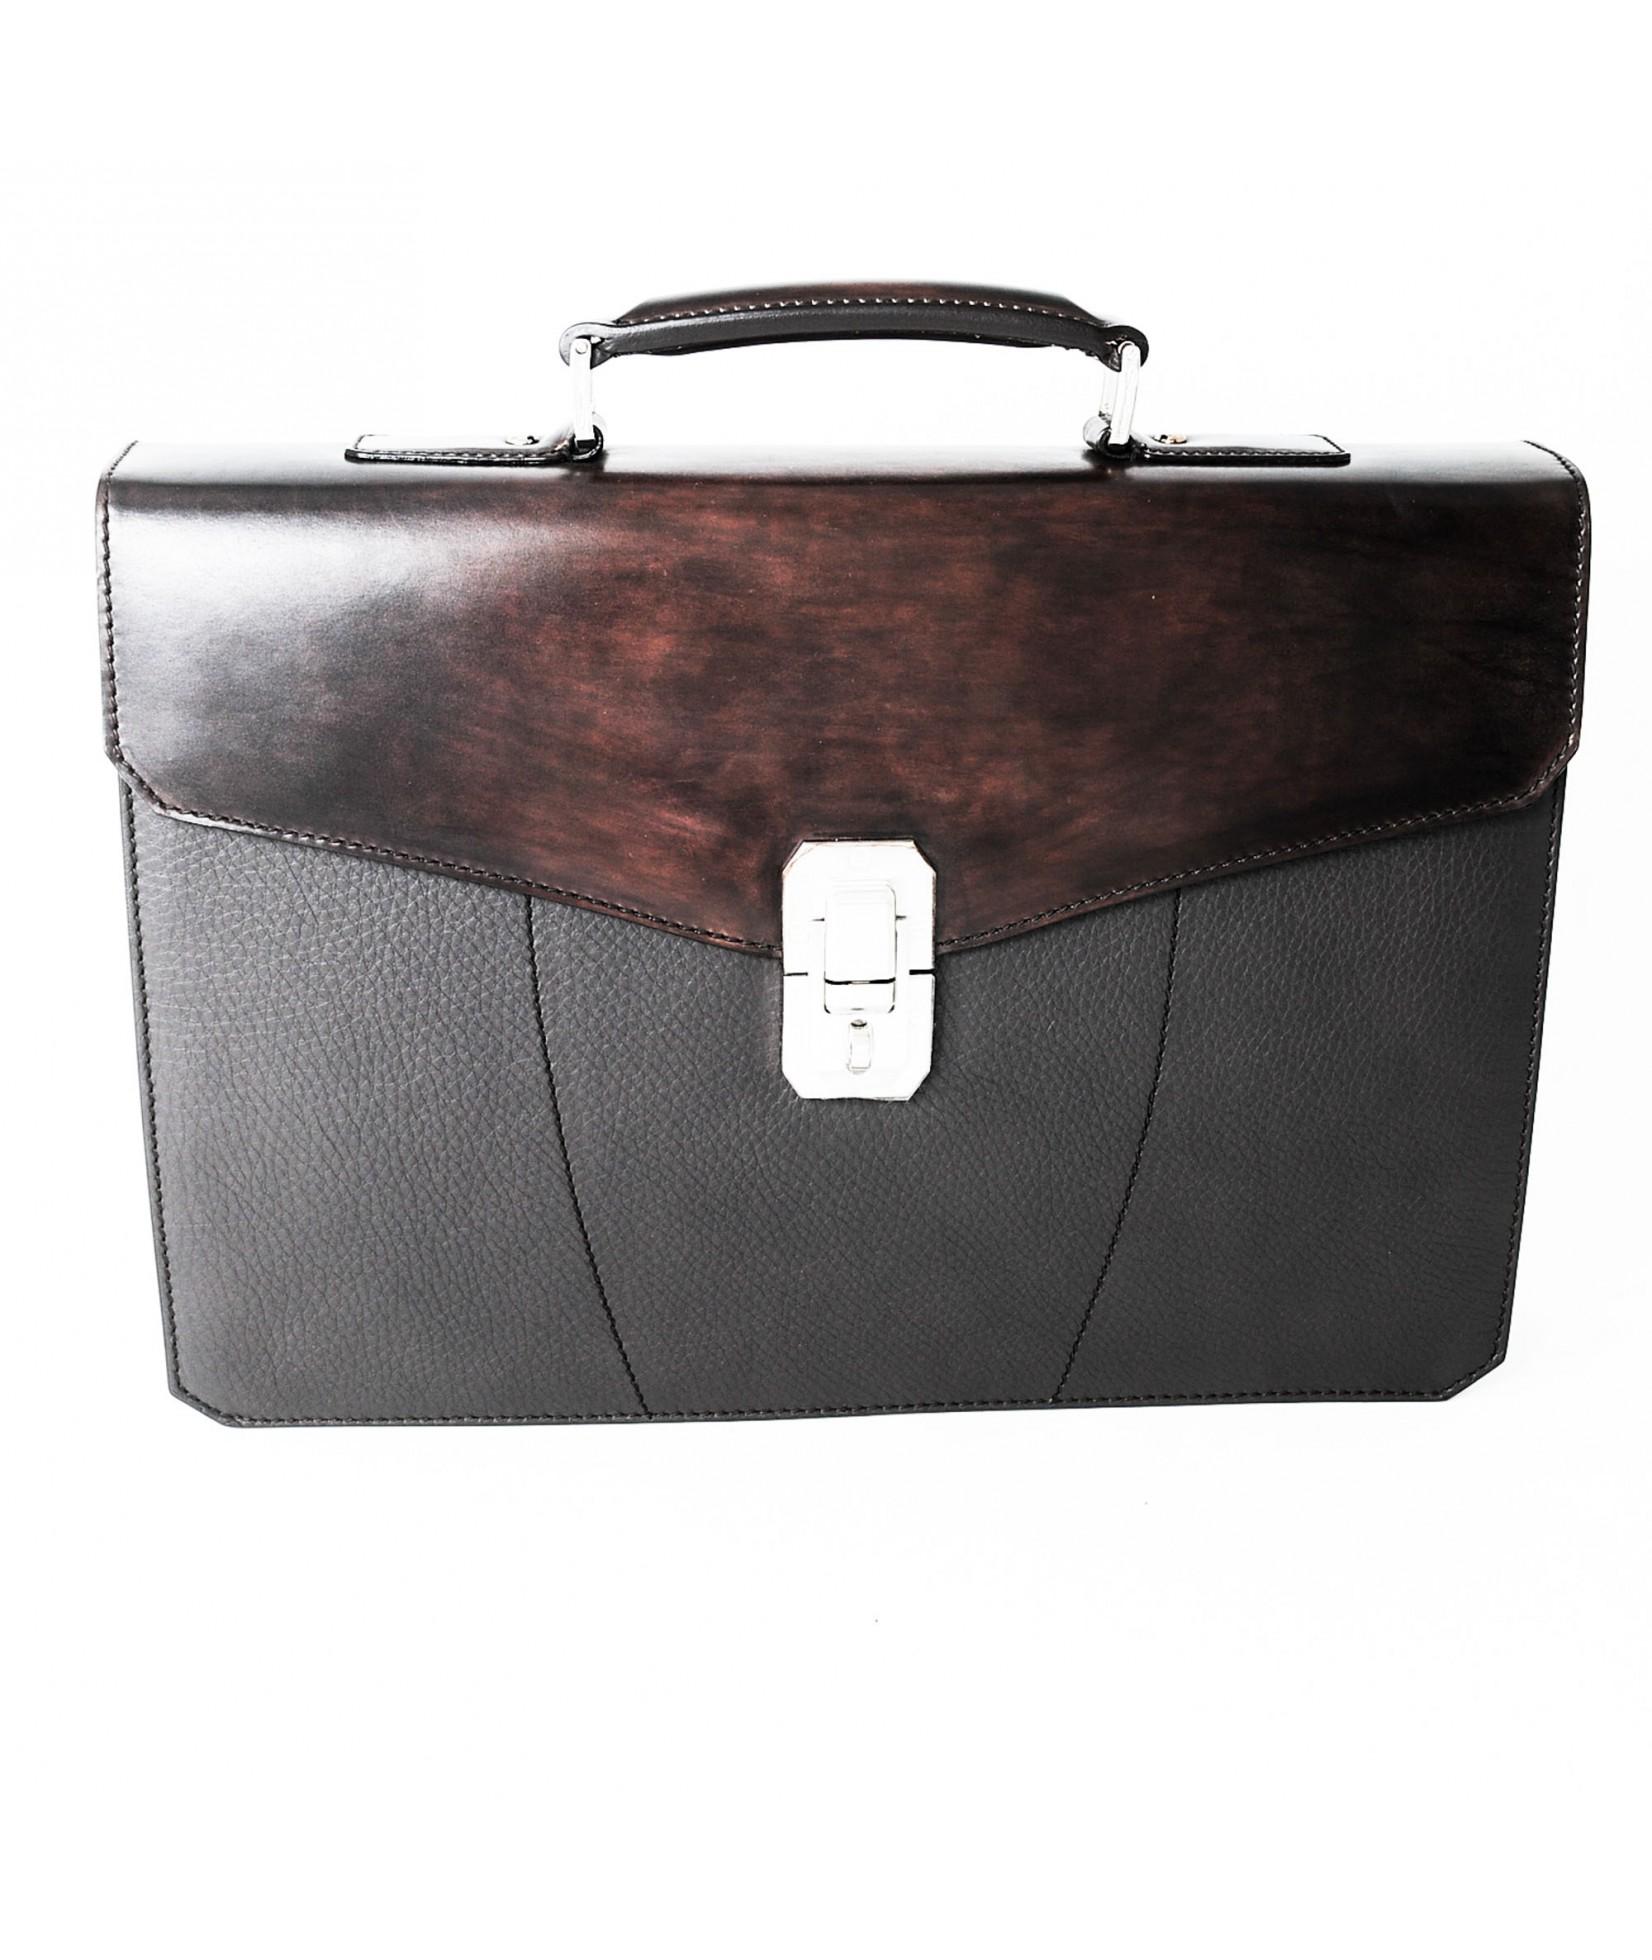 Santoni 办公室袋棕色 T50 (28098)